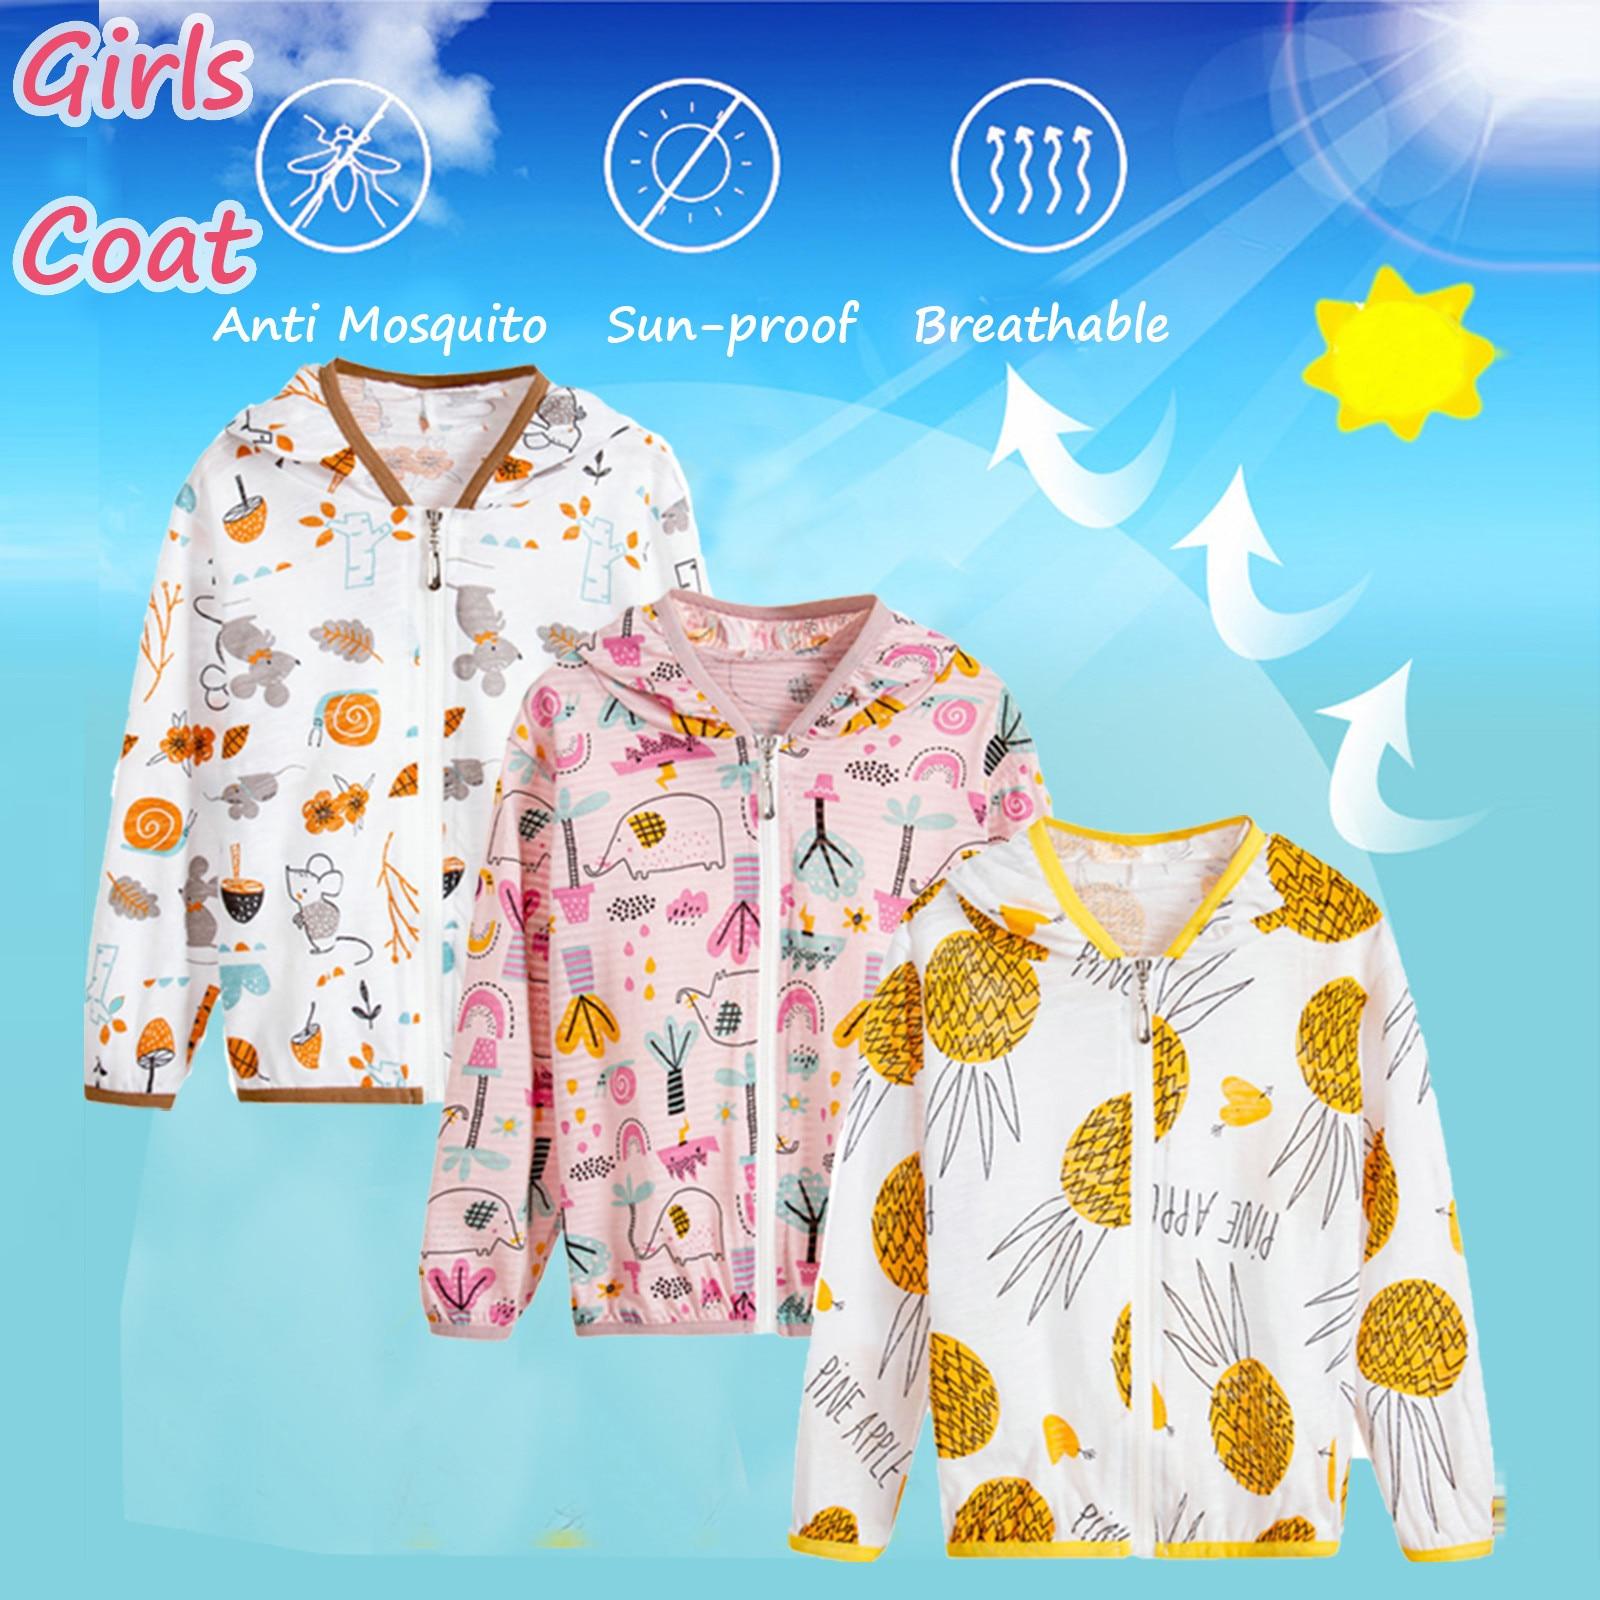 Toddler Kids Boys Girls Sunscreen Coat Summer Fashion Cartoon Jackets Hooded Outerwear Zipper Coats Children Sunscreen Clothes